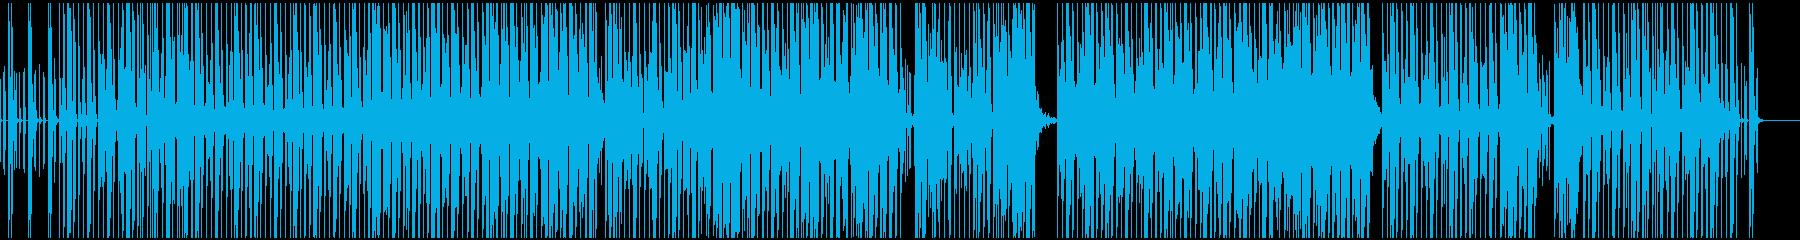 都会的ロートーンな(テック)ハウスEDMの再生済みの波形